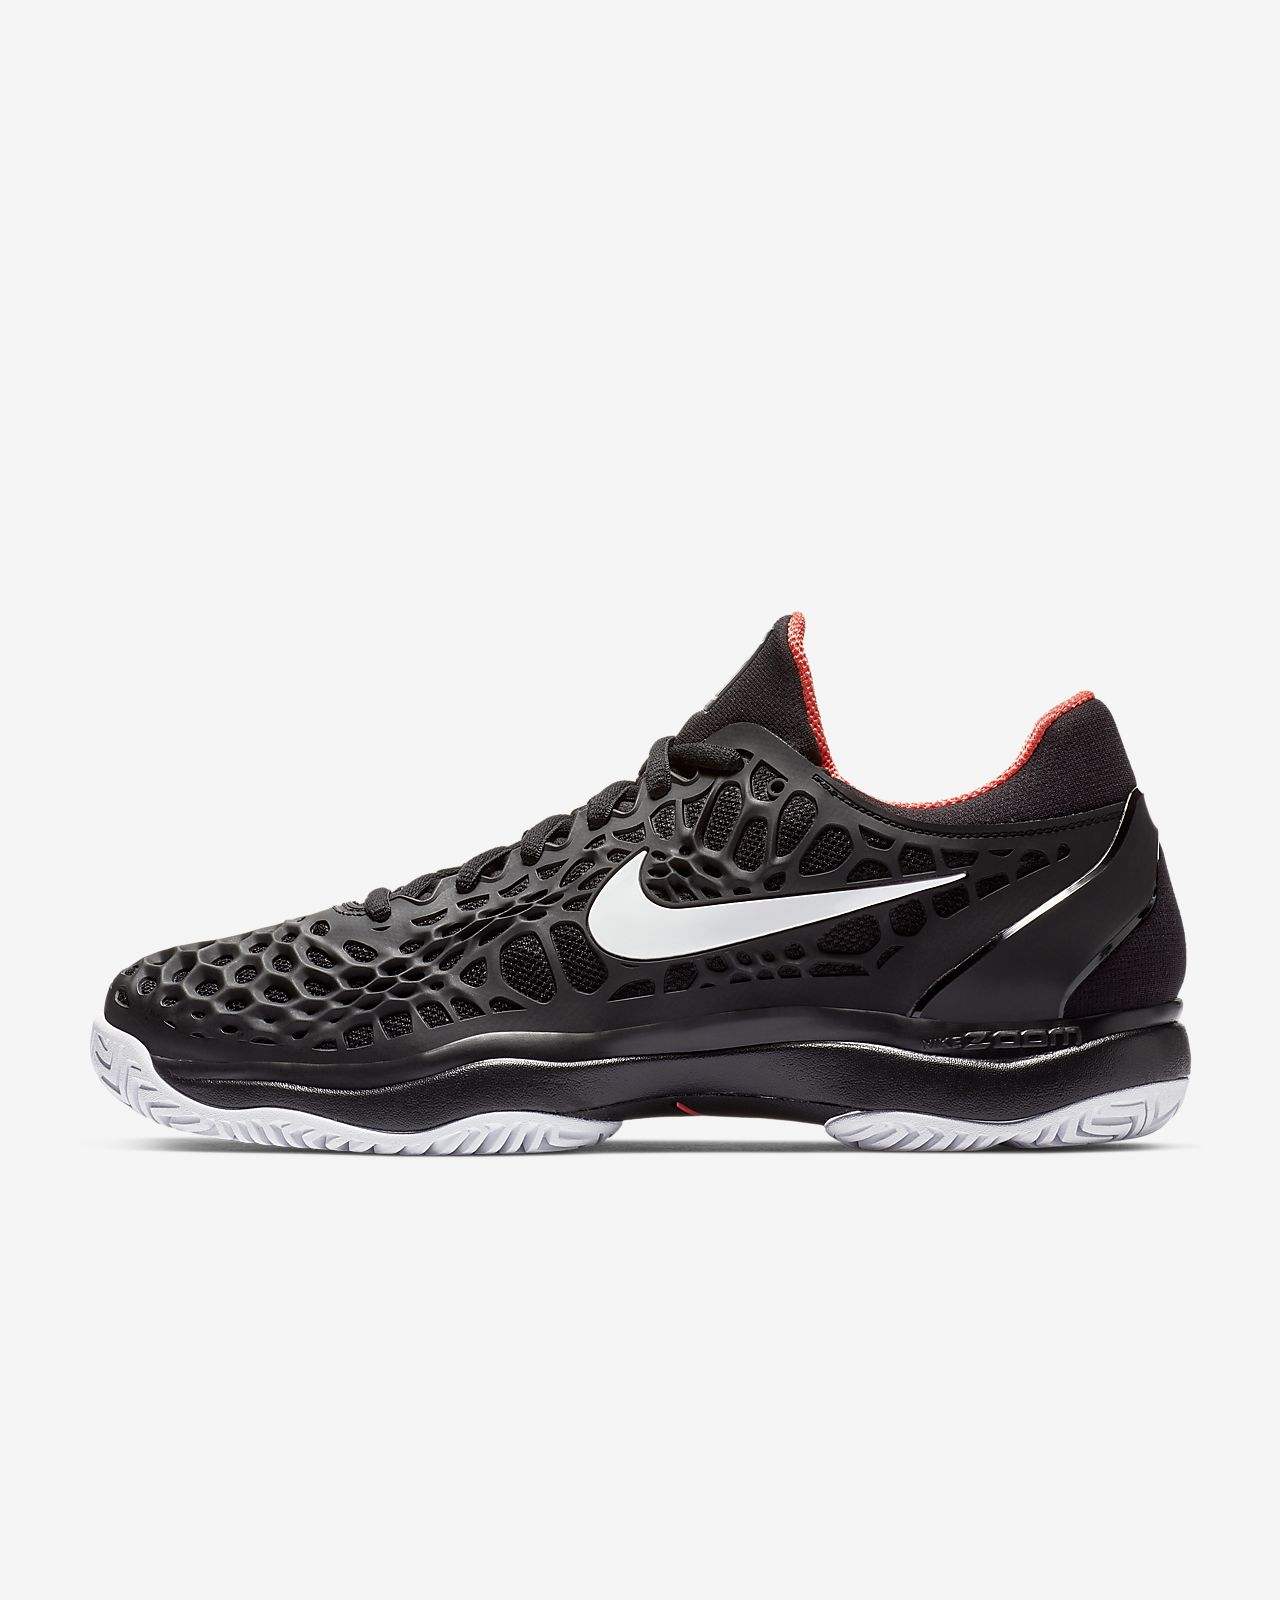 buy popular 001ce b7228 ... Chaussure de tennis pour surface dure NikeCourt Zoom Cage 3 pour Homme